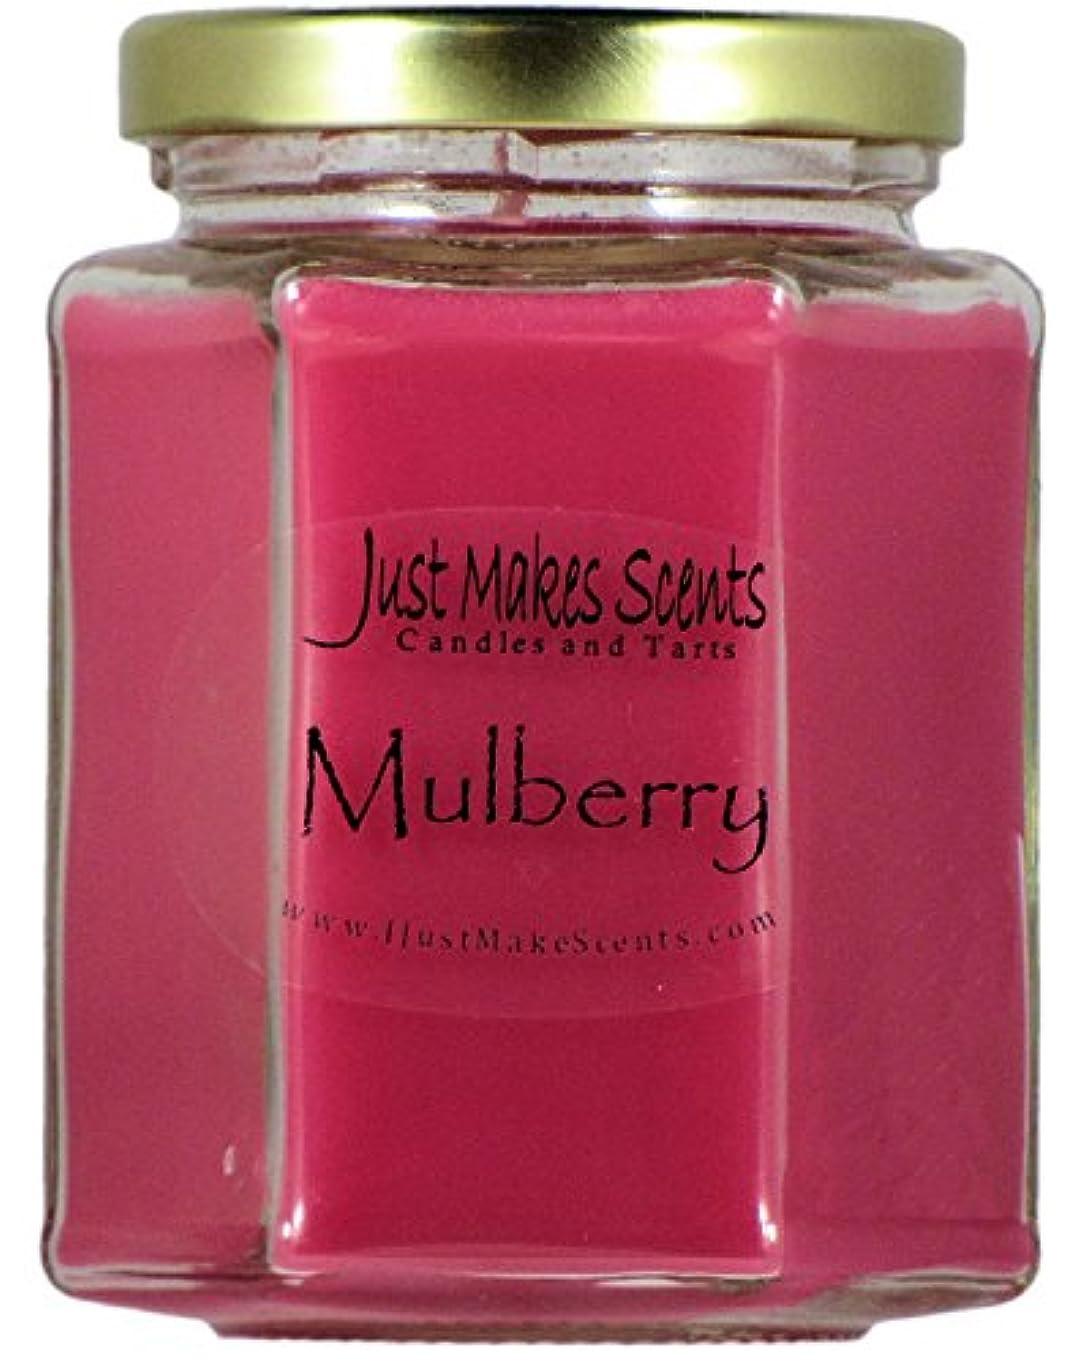 通路つぼみお母さんMulberry香りつきBlended Soy Candle by Just Makes Scents